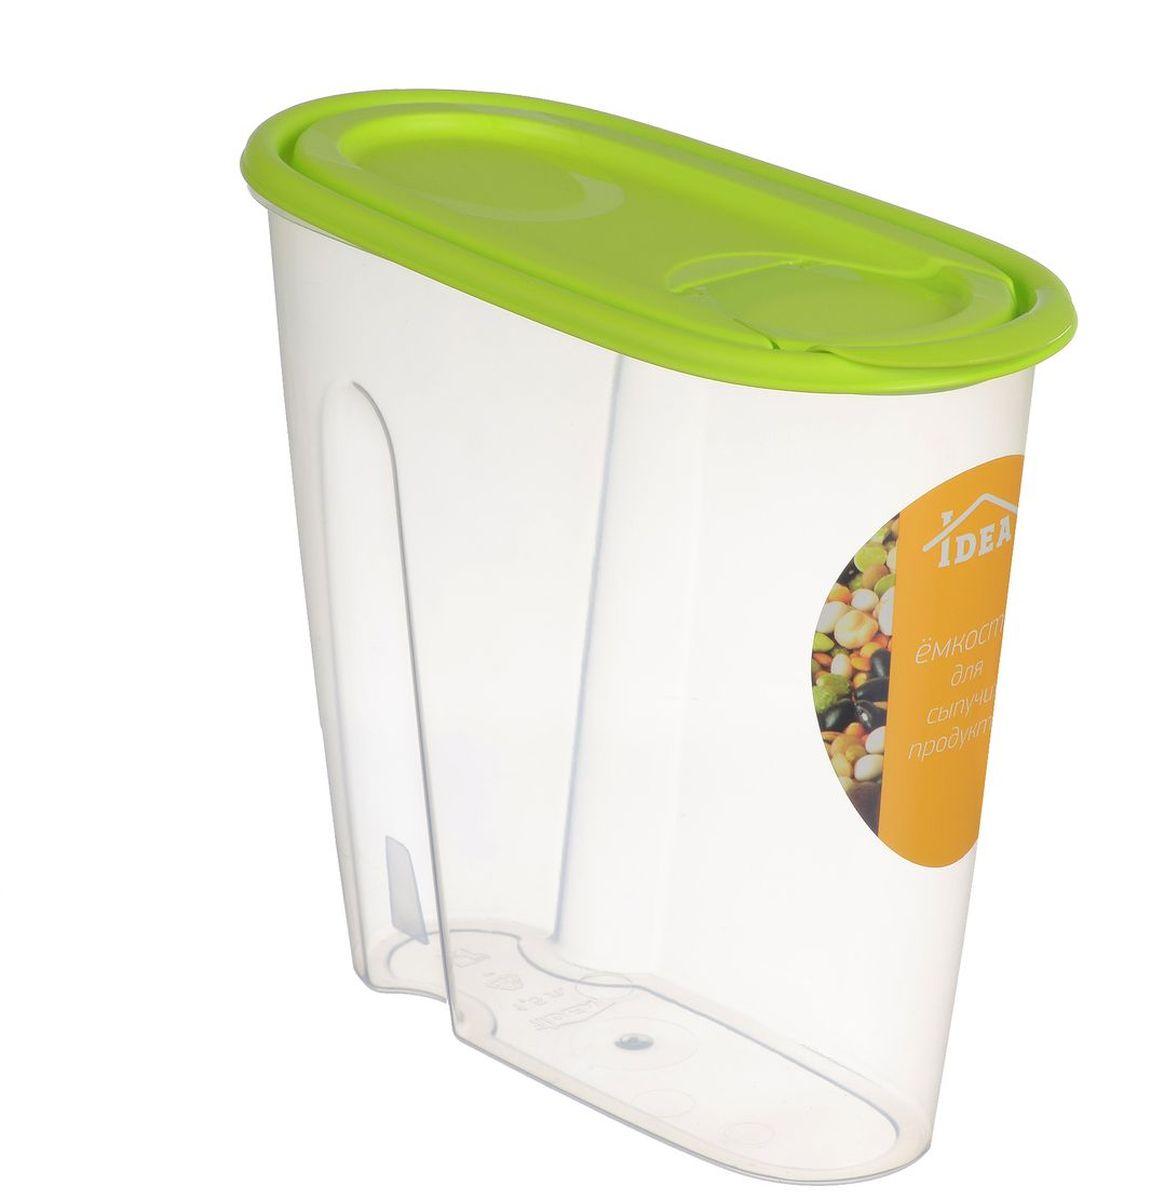 Емкость для сыпучих продуктов Idea, цвет: салатовый, 1,5 лМ 1221